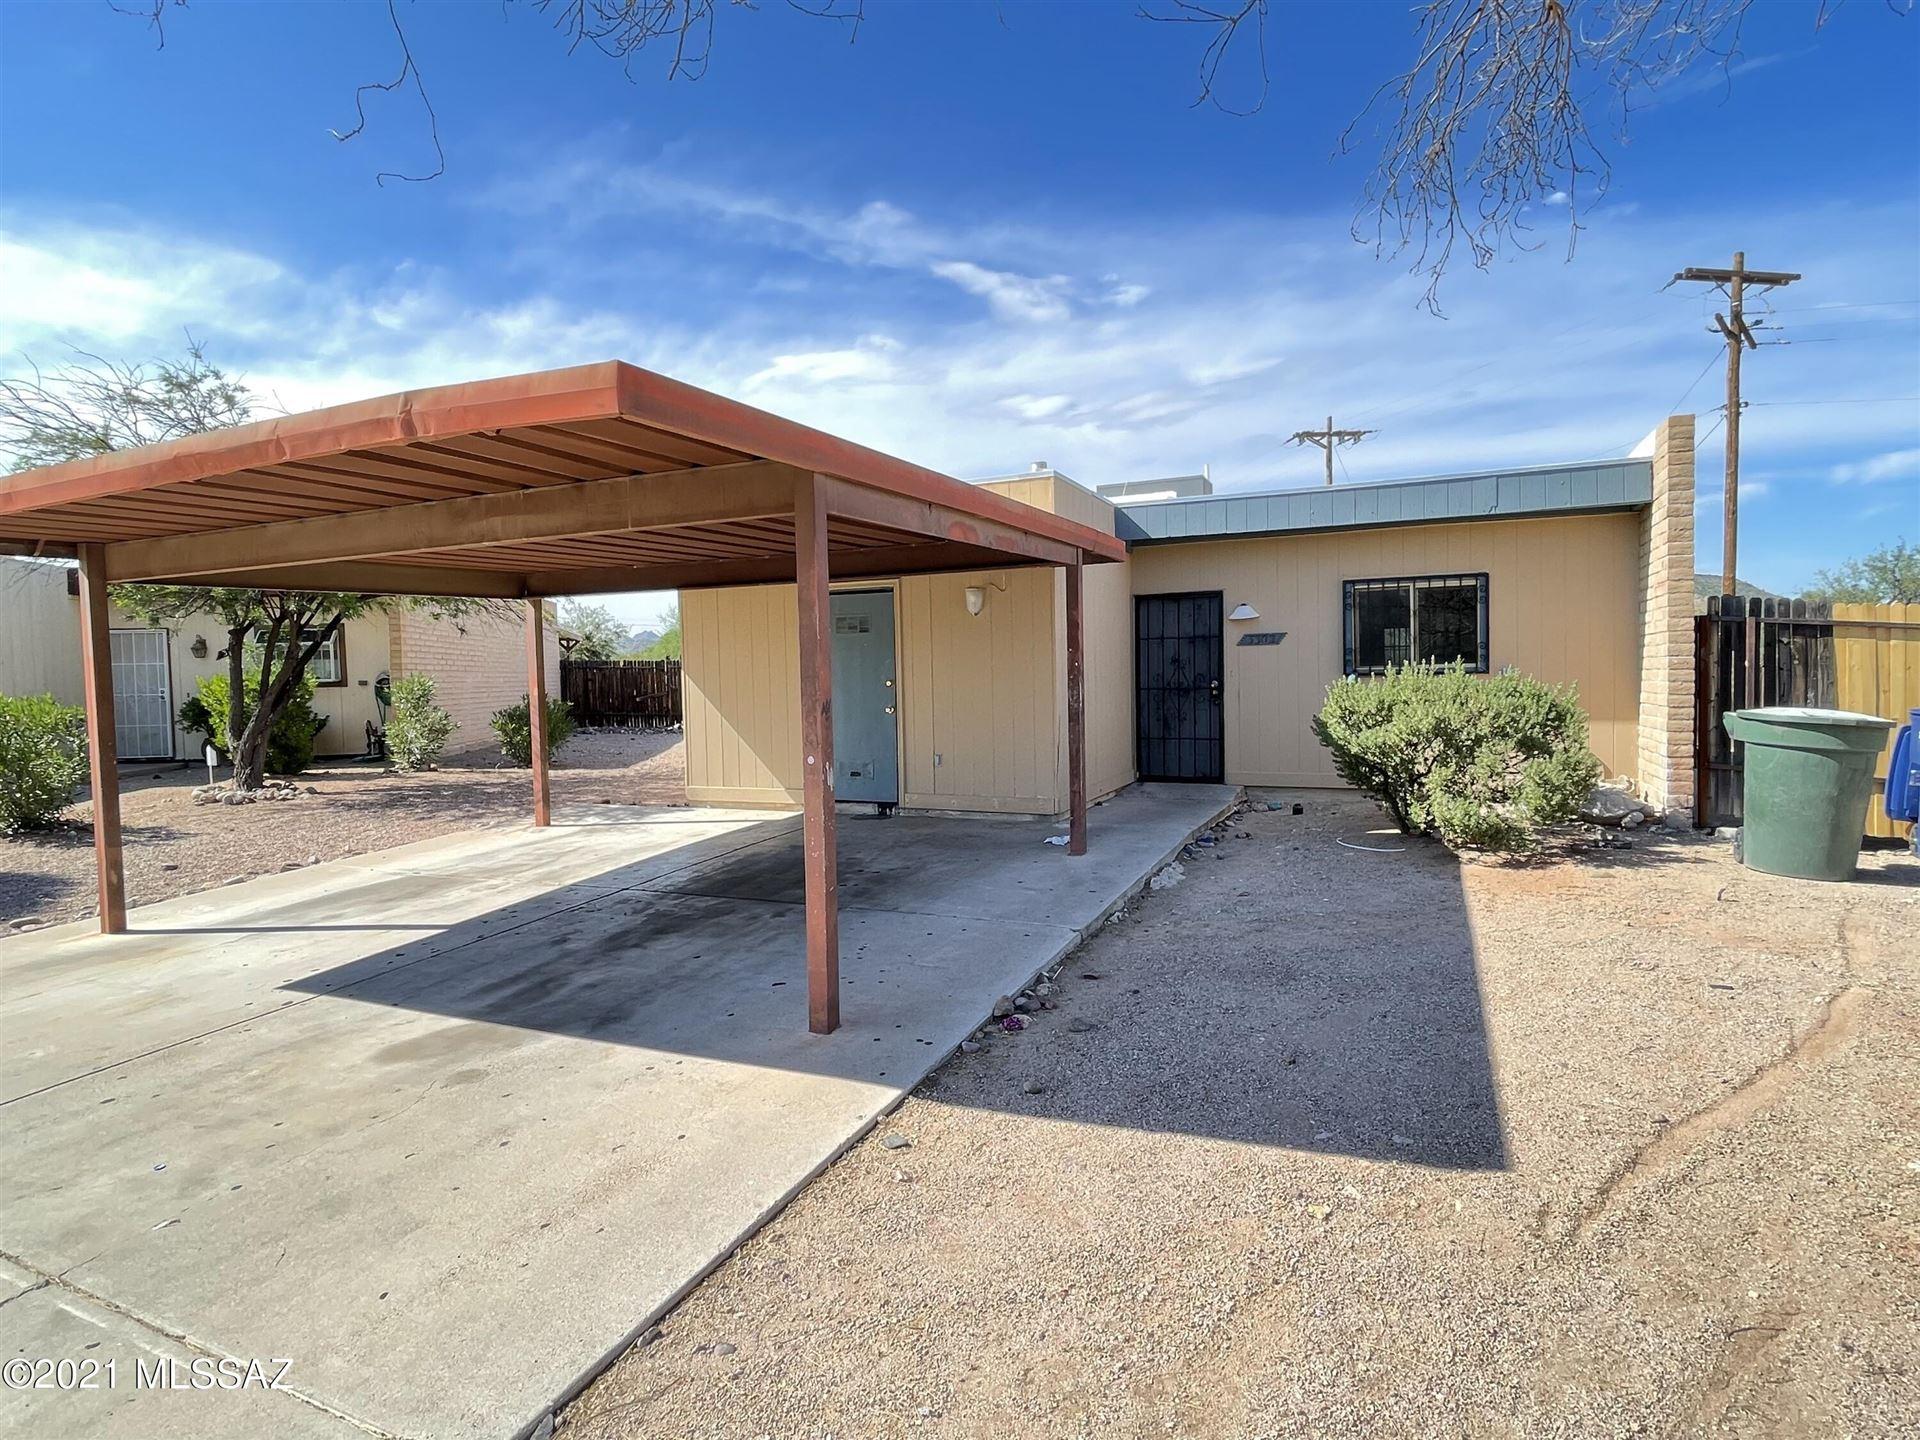 3302 S Placita Costa Rica, Tucson, AZ 85713 - MLS#: 22123749